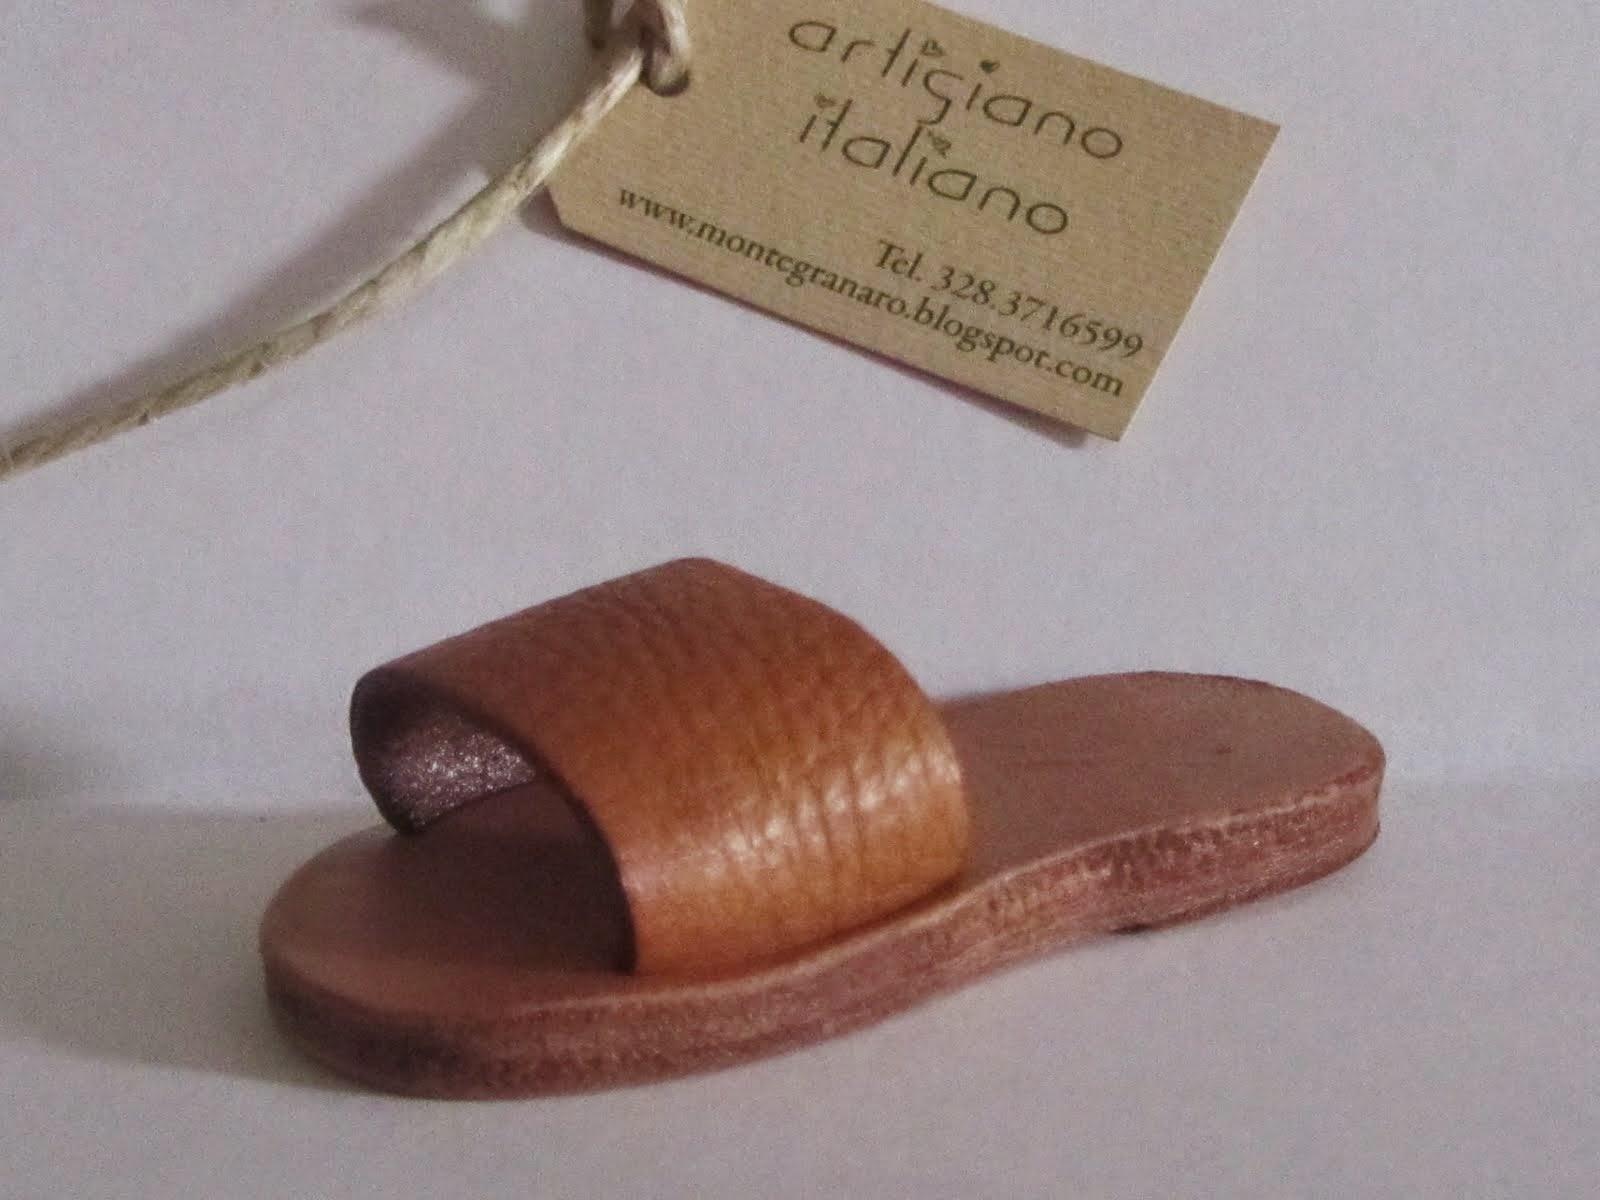 Azienda che produce portachiavi a forma di scarpe, sandalo, ciabatta